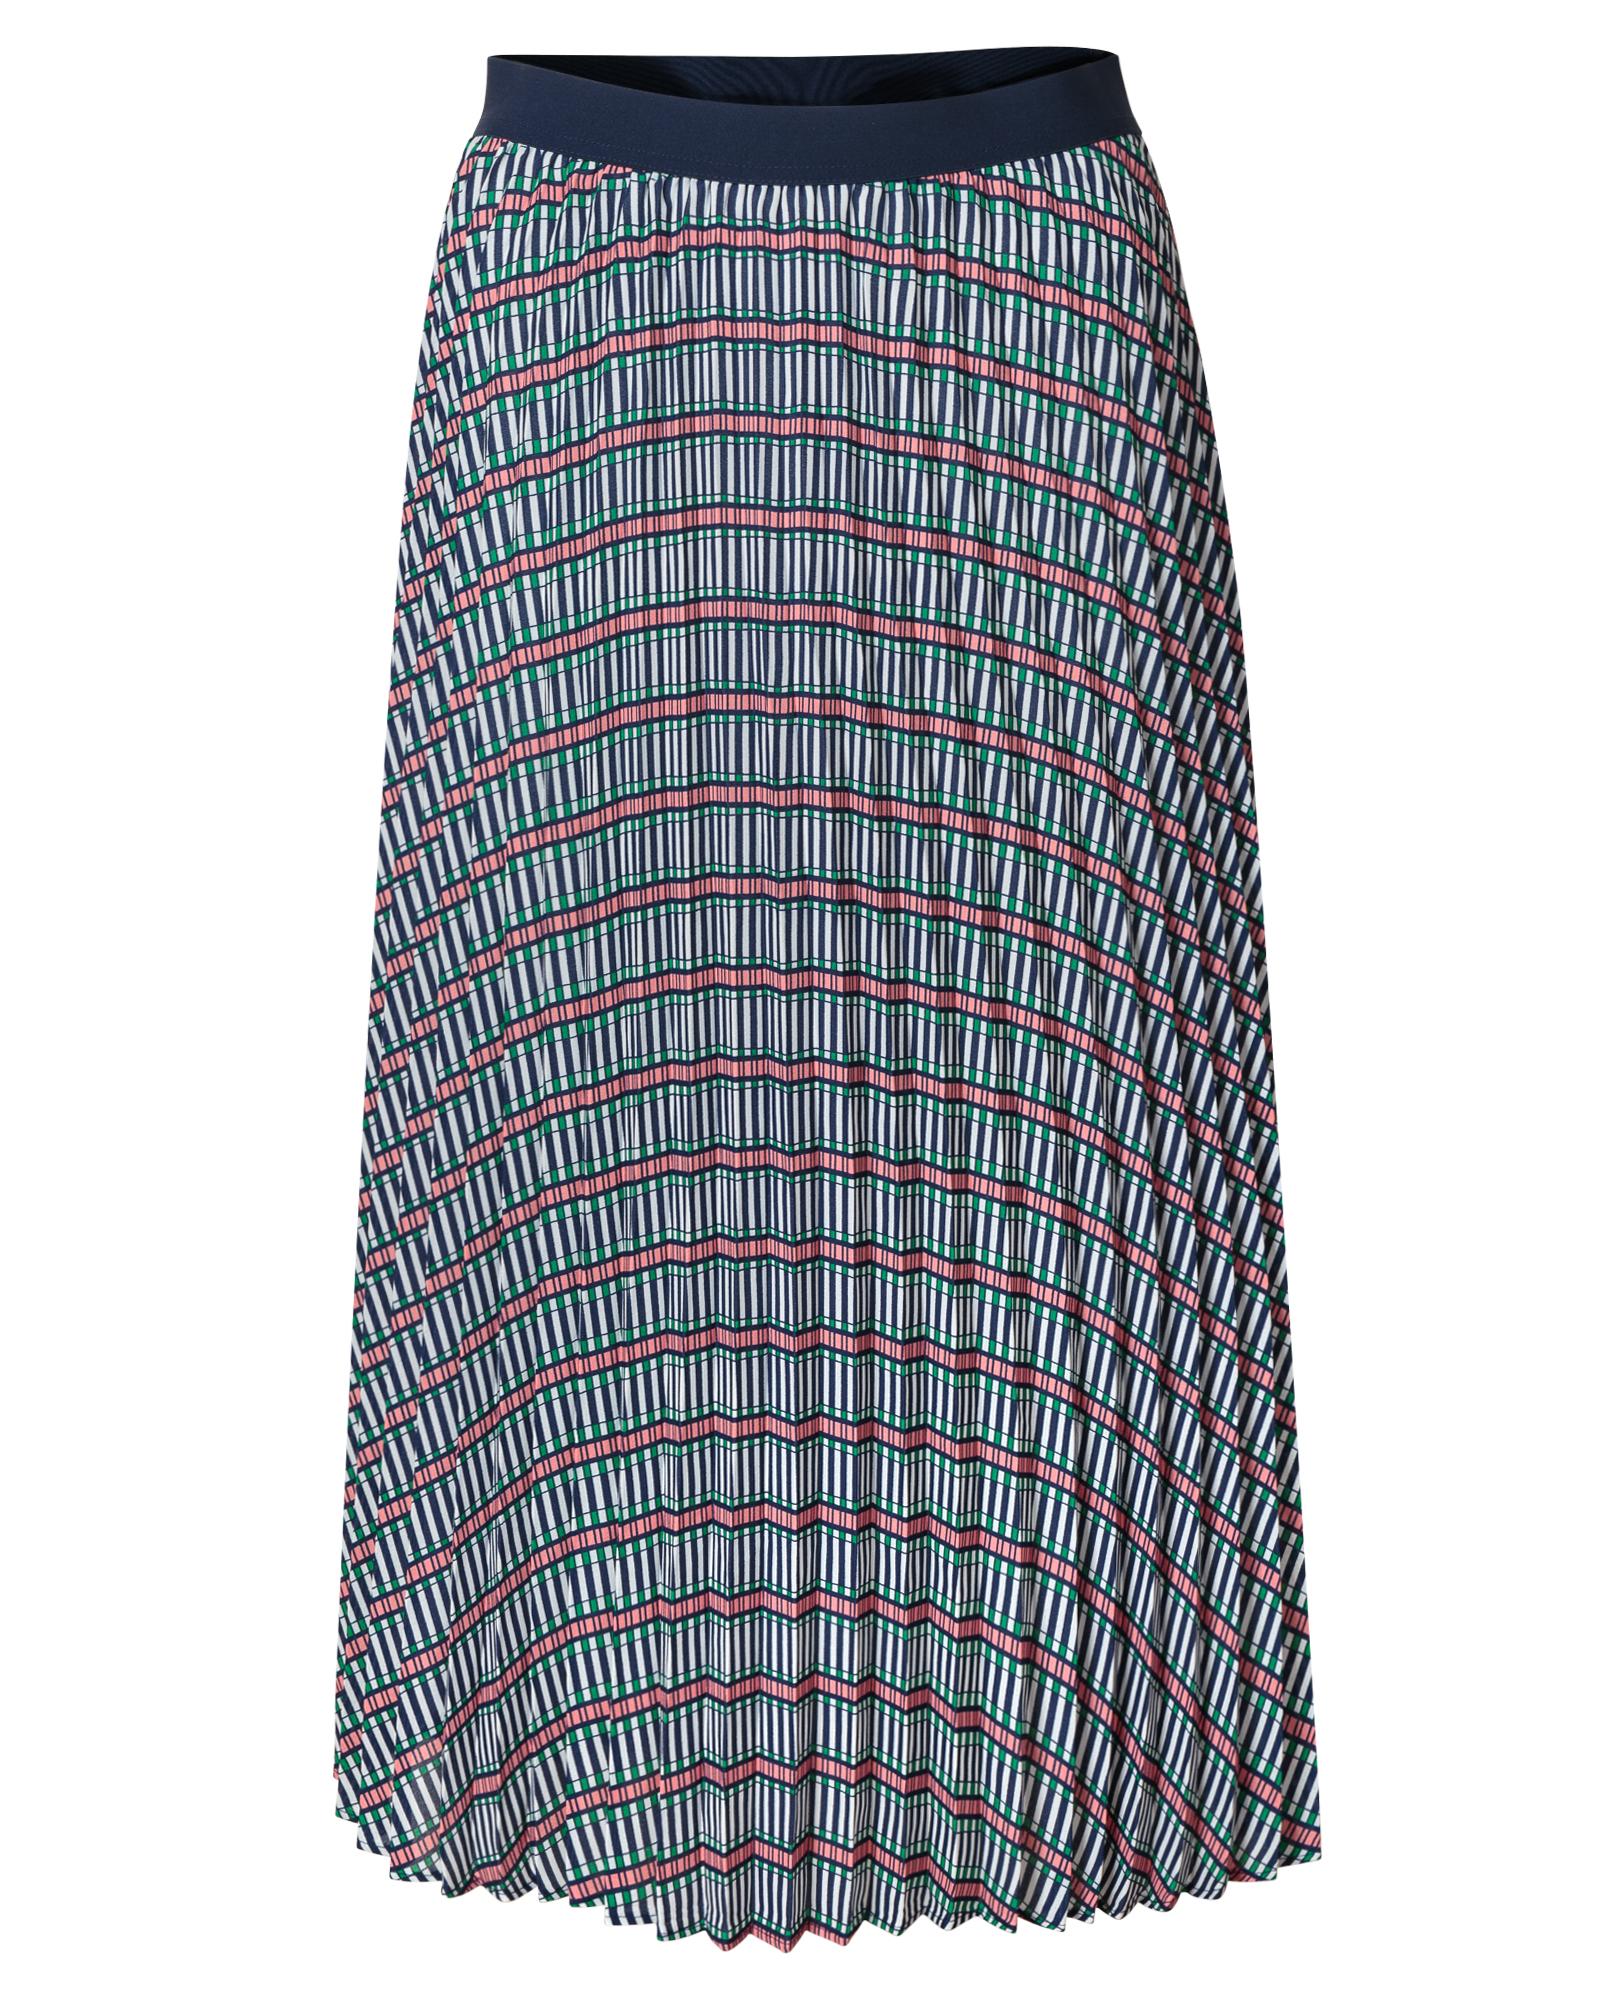 392f298f0c Explore Print Navy Pleated Midi Skirt | Oliver Bonas